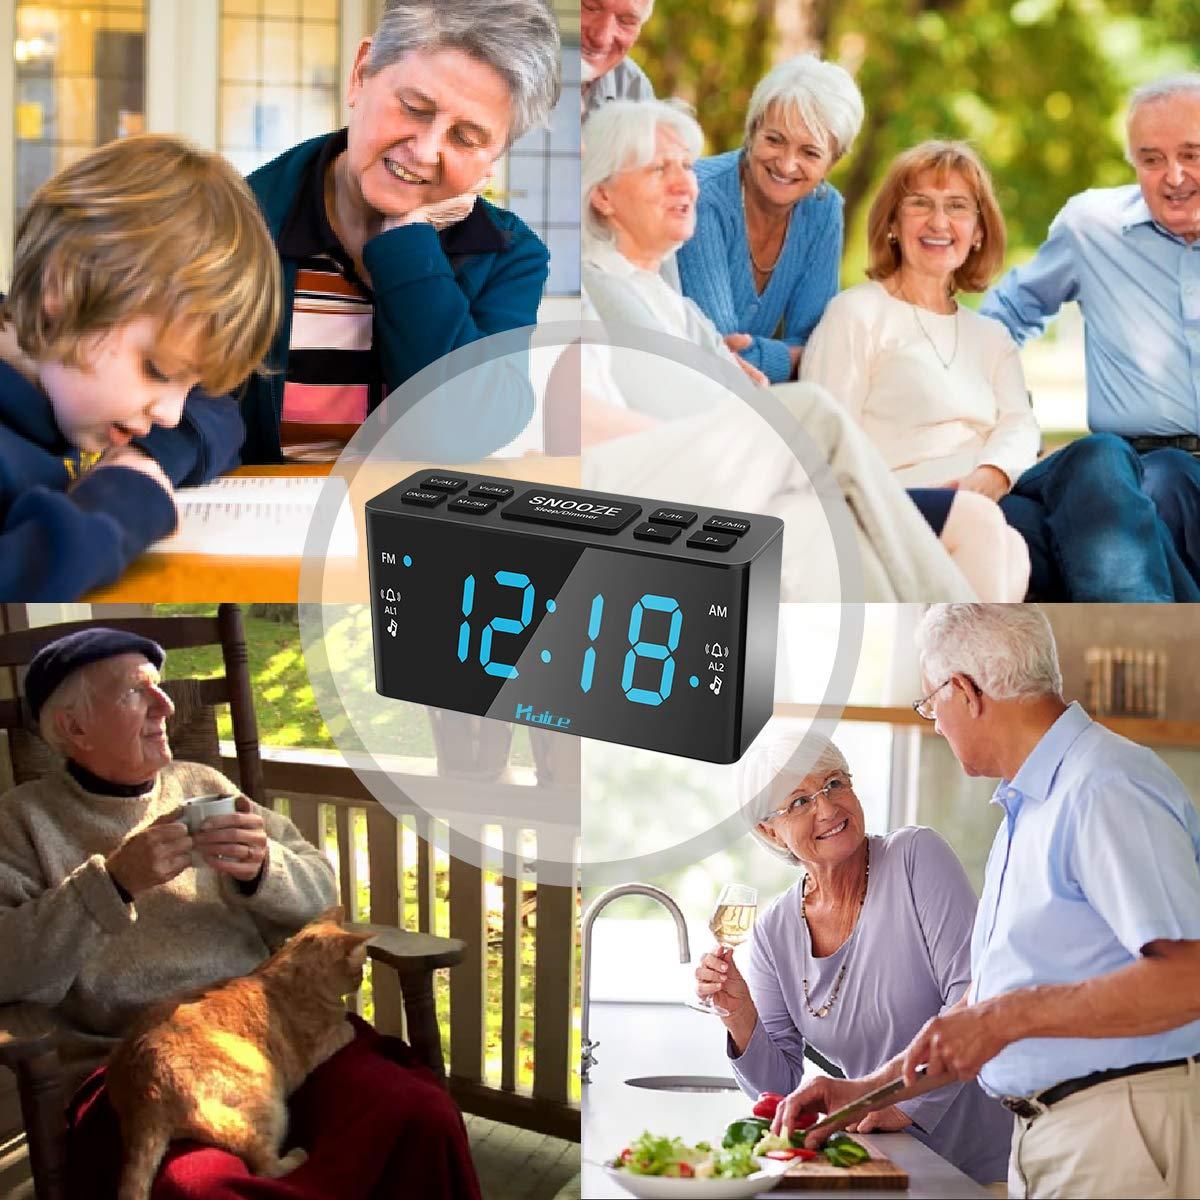 [Nueva Versión] Radio Despertador Digital, Haice Digital Radio Reloj con Alarma Doble Despertador Reloj Digital FM/AM con función de Luz Nocturna, ...